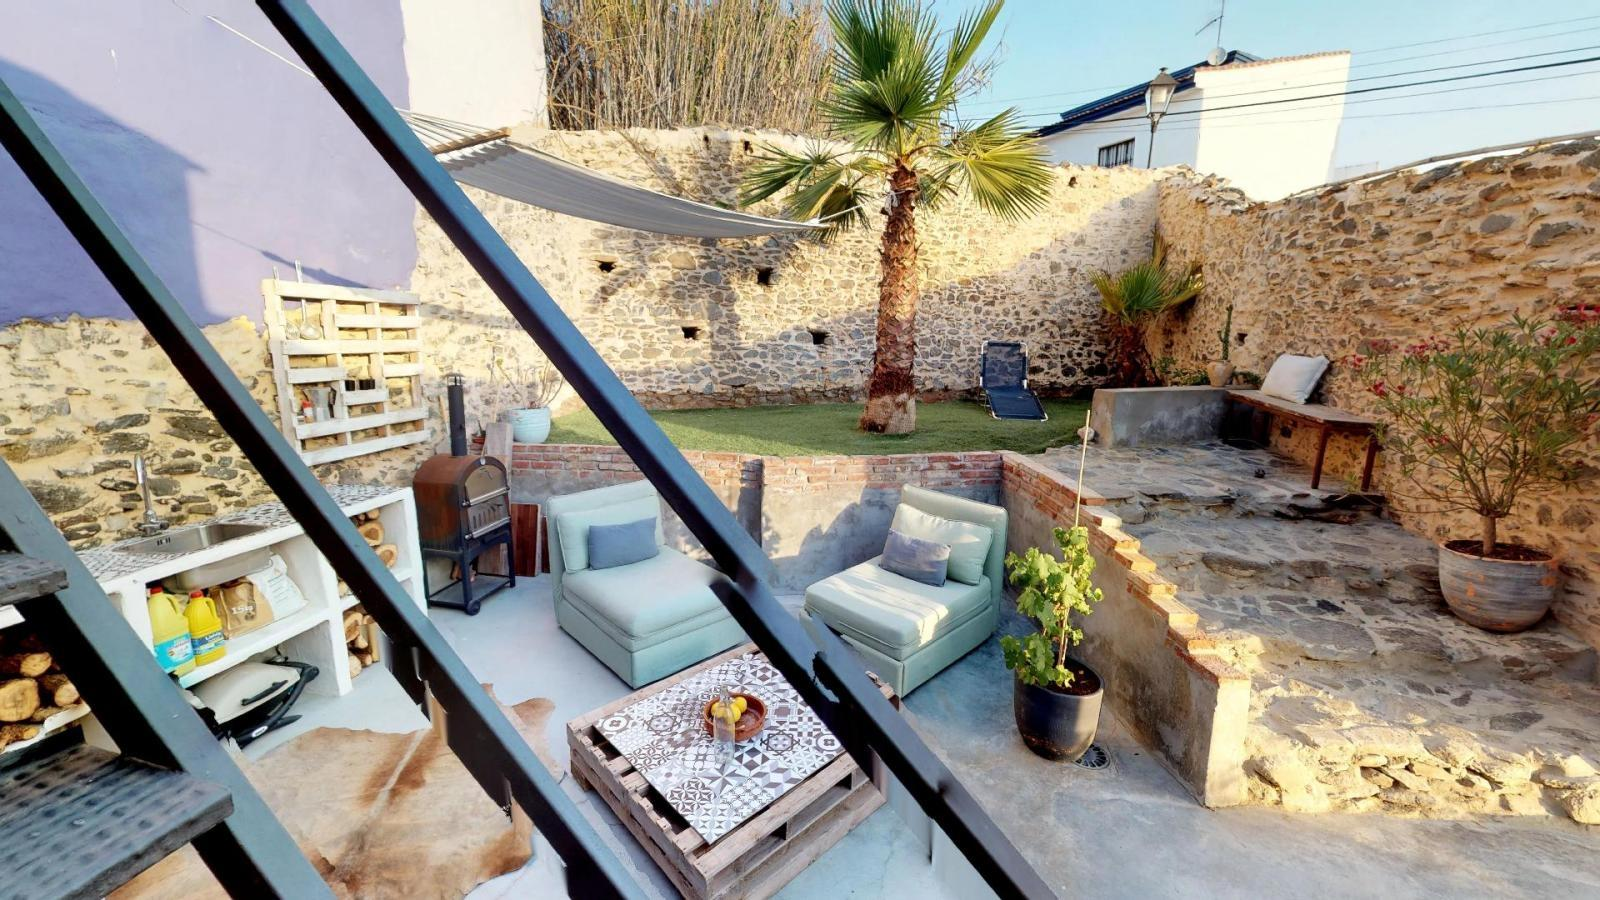 52724 1749334 foto 078121 600x382 1 - Vida al aire libre en esta encantadora casa de pueblo en Velez-Málaga